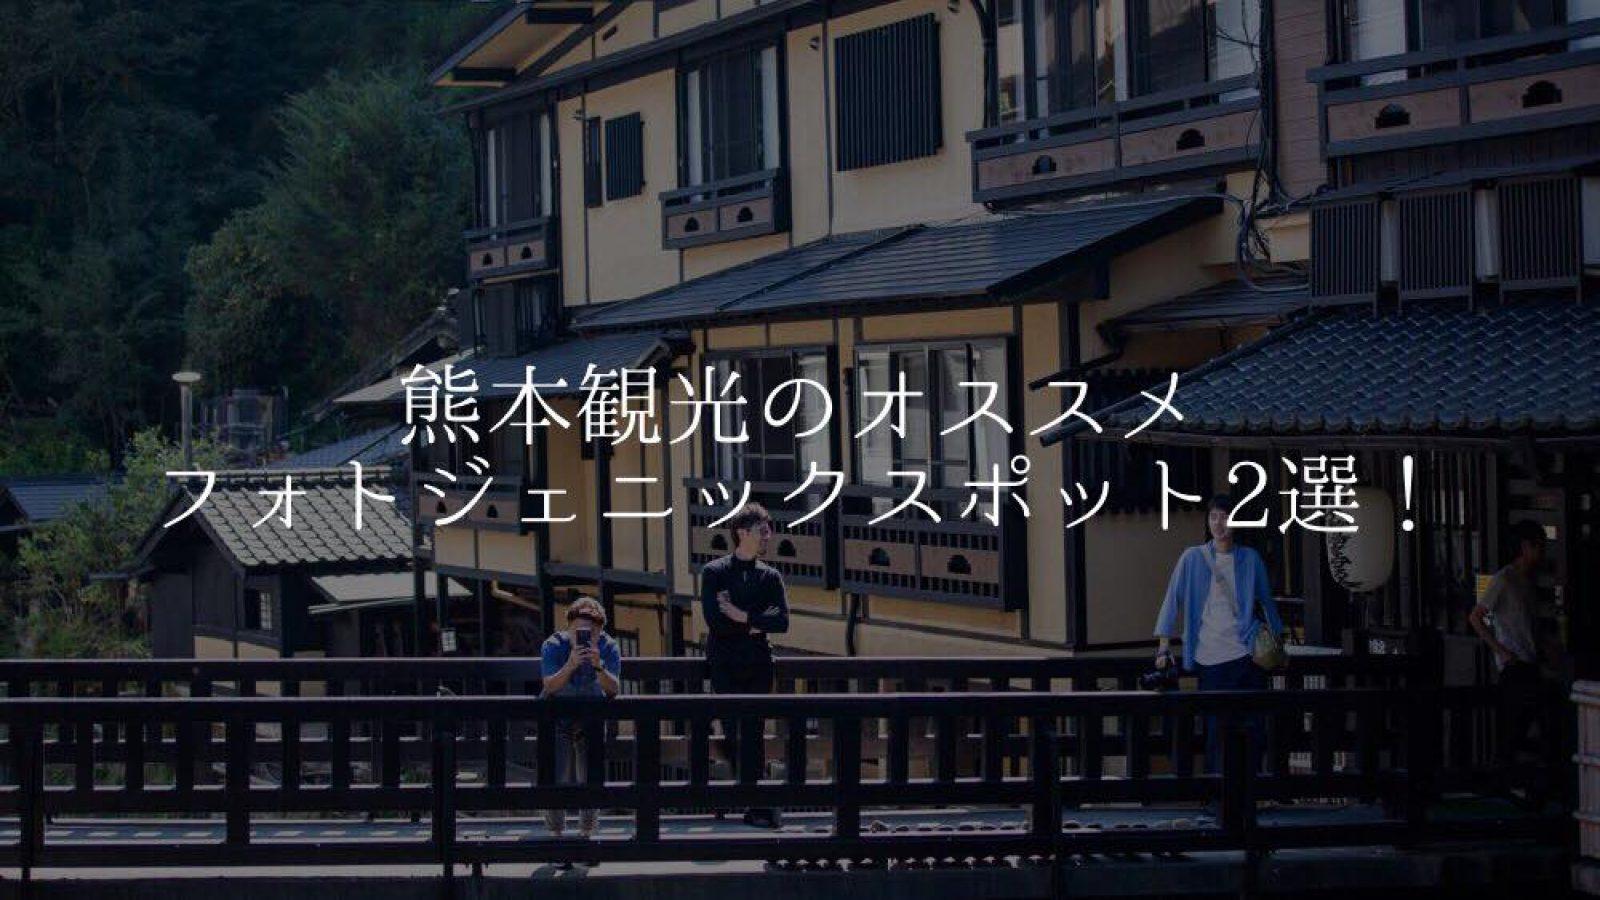 熊本観光行ってきたよ!オススメフォトジェニックスポット2選!!